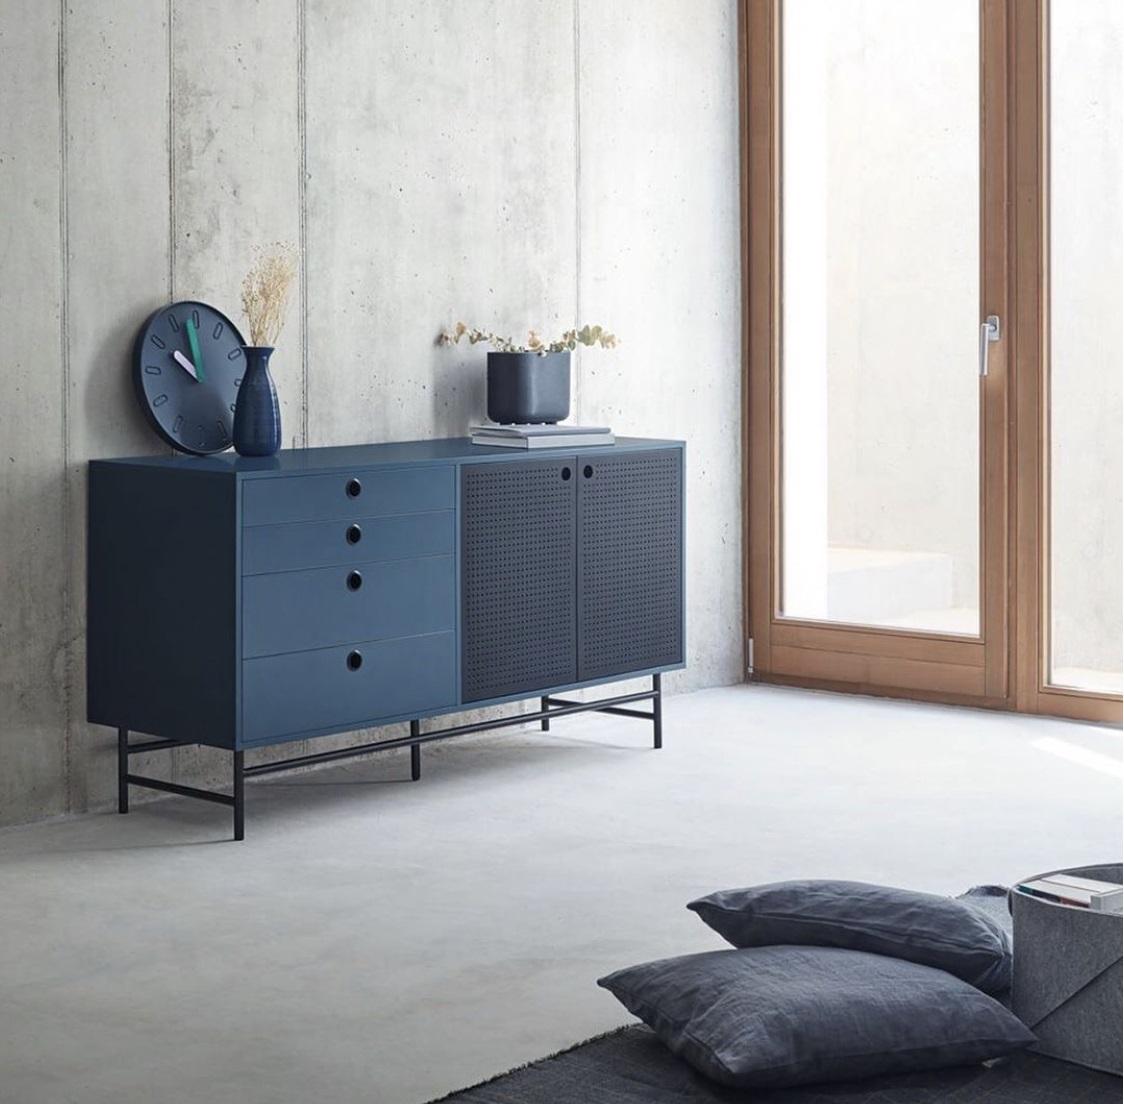 Aparador industrial Punto metal azul 150cm